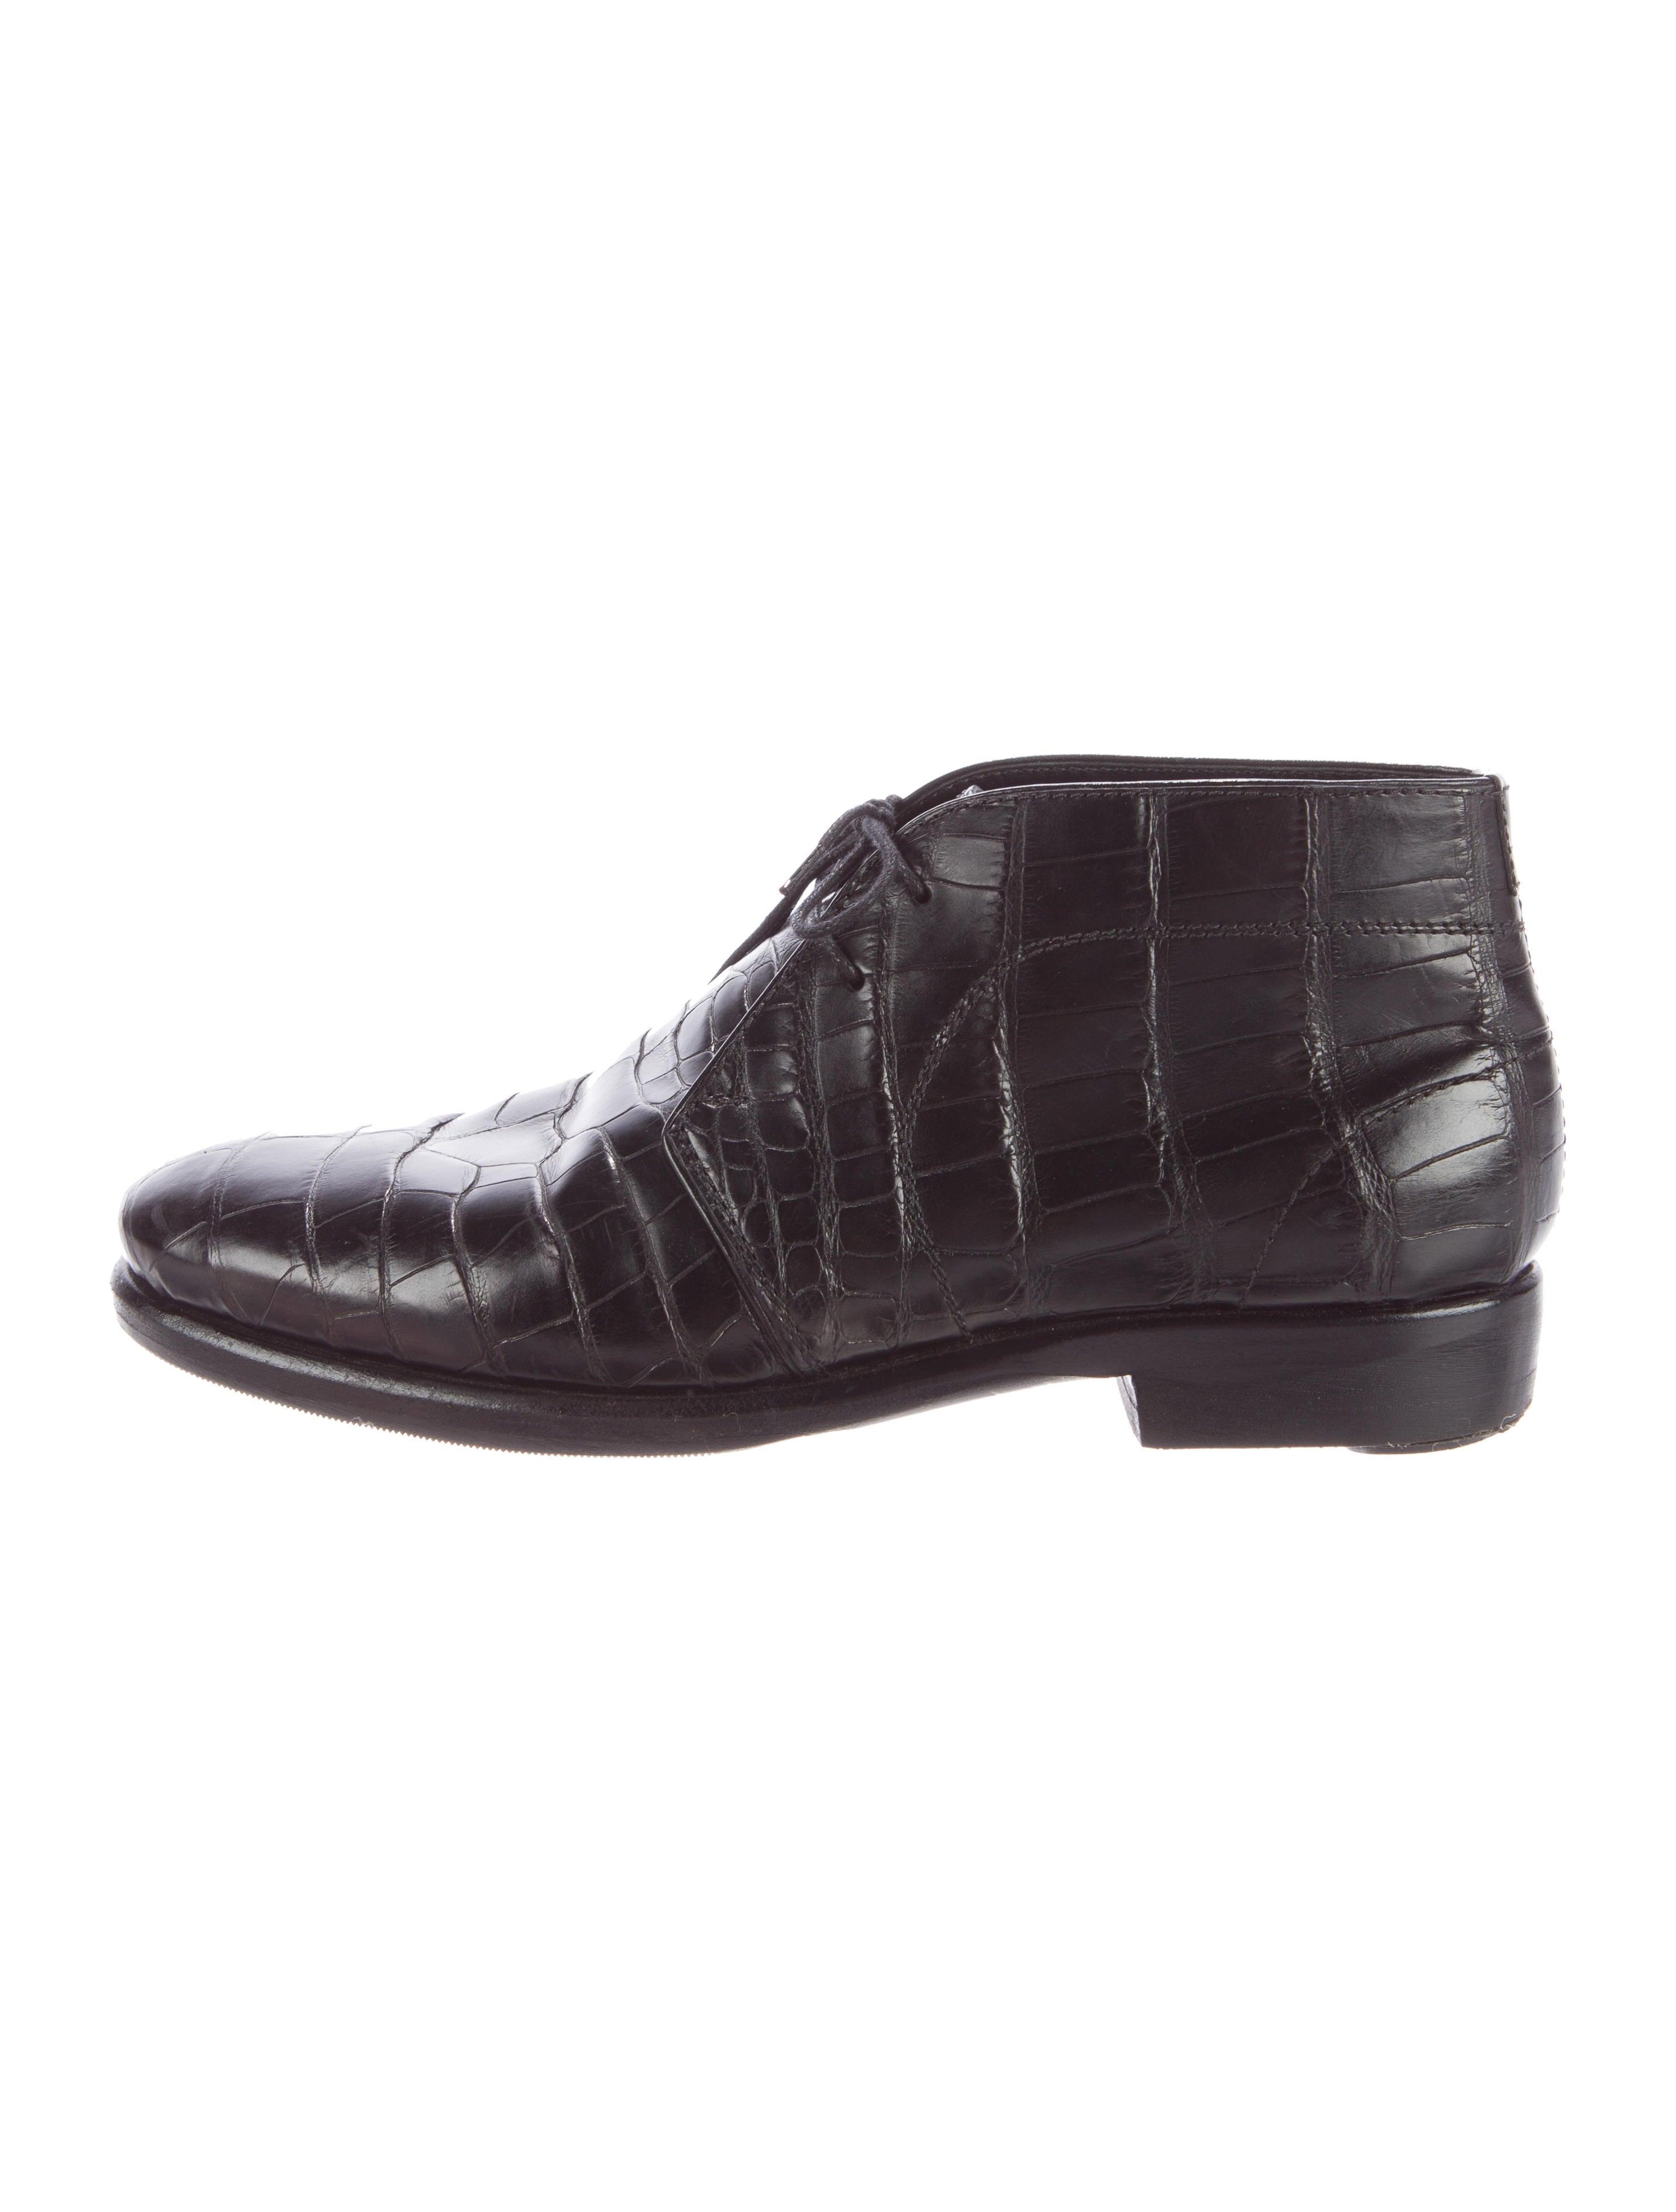 59e1a8c75af Louis Vuitton Desert Boots For Sale